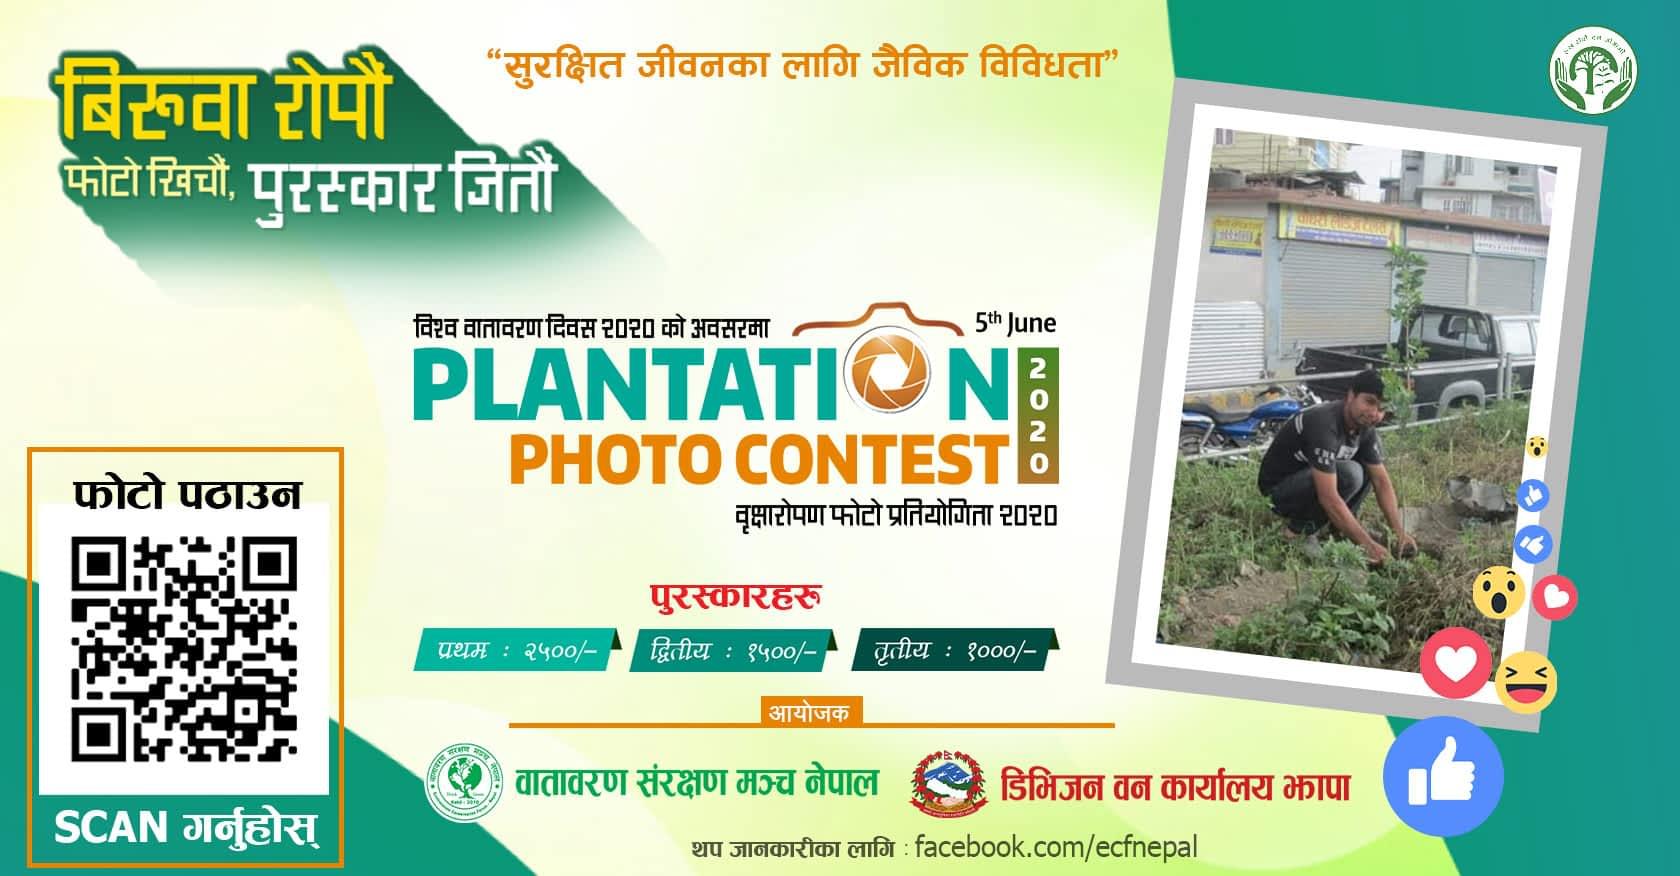 विश्व वातावरण दिवसमा फोटो प्रतियोगिता हुने